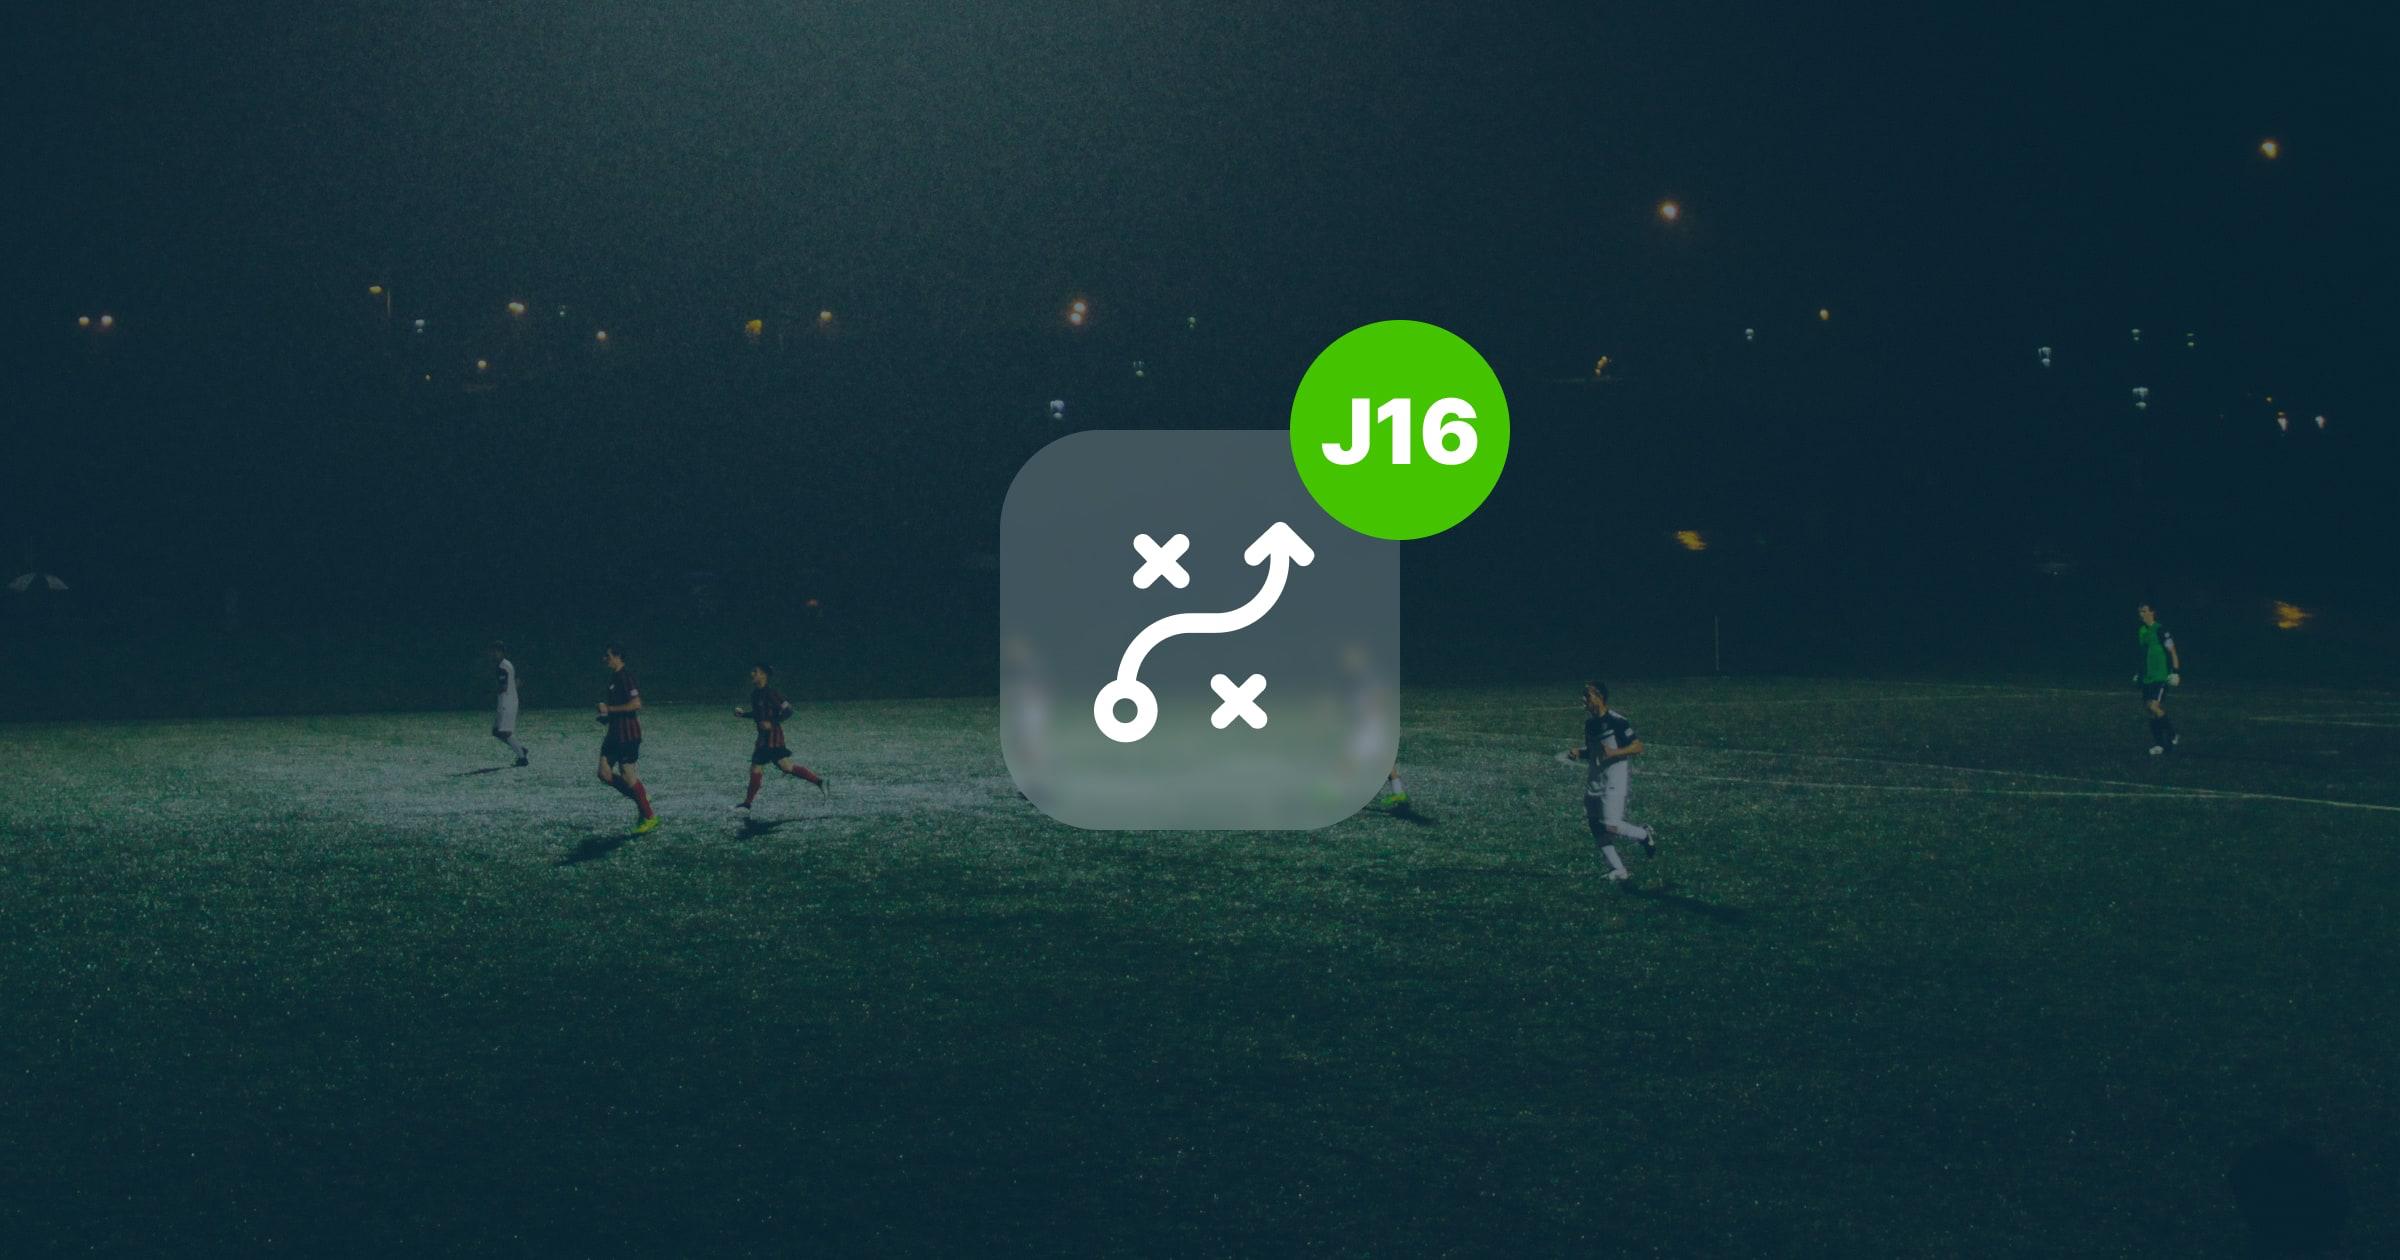 Les joueurs à suivre pour la J16